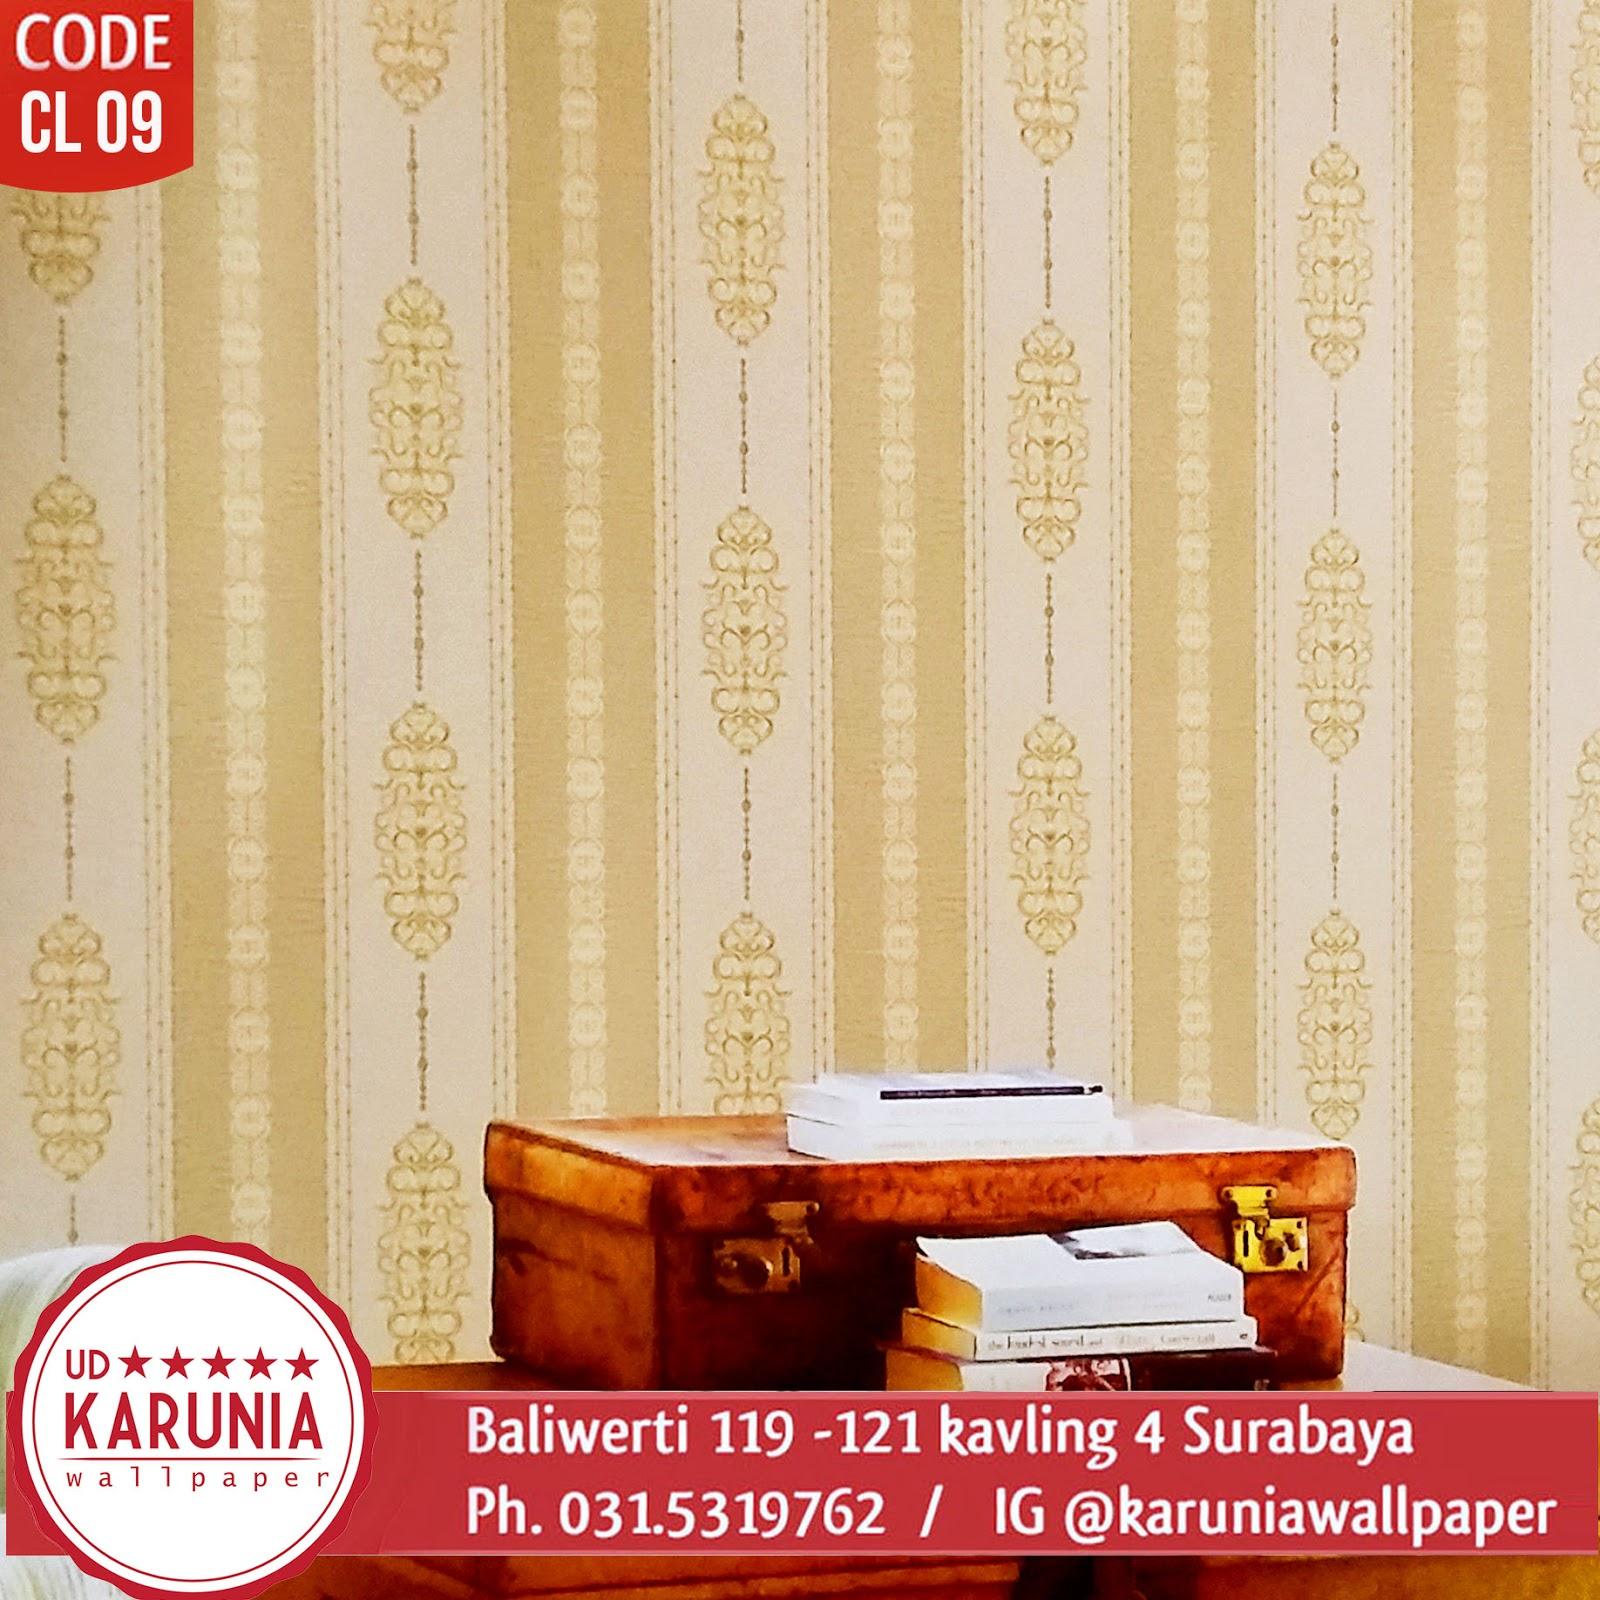 jual wallpaper dinding toko karunia baliwerti